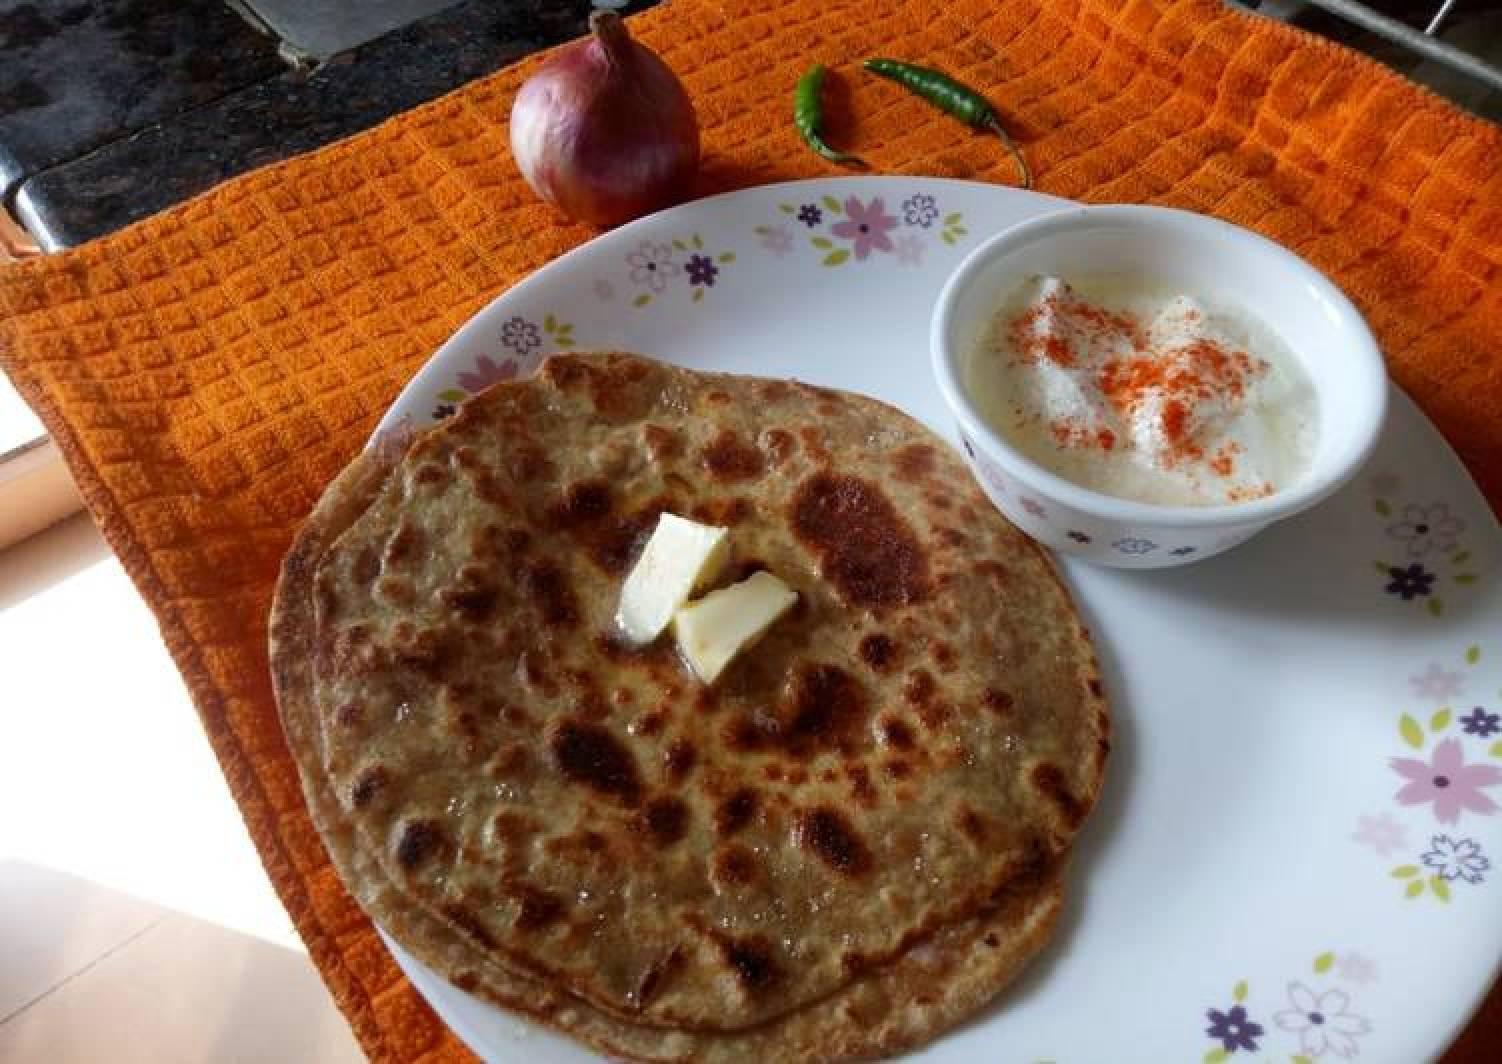 - Punjabi Onion Stuffed Paratha